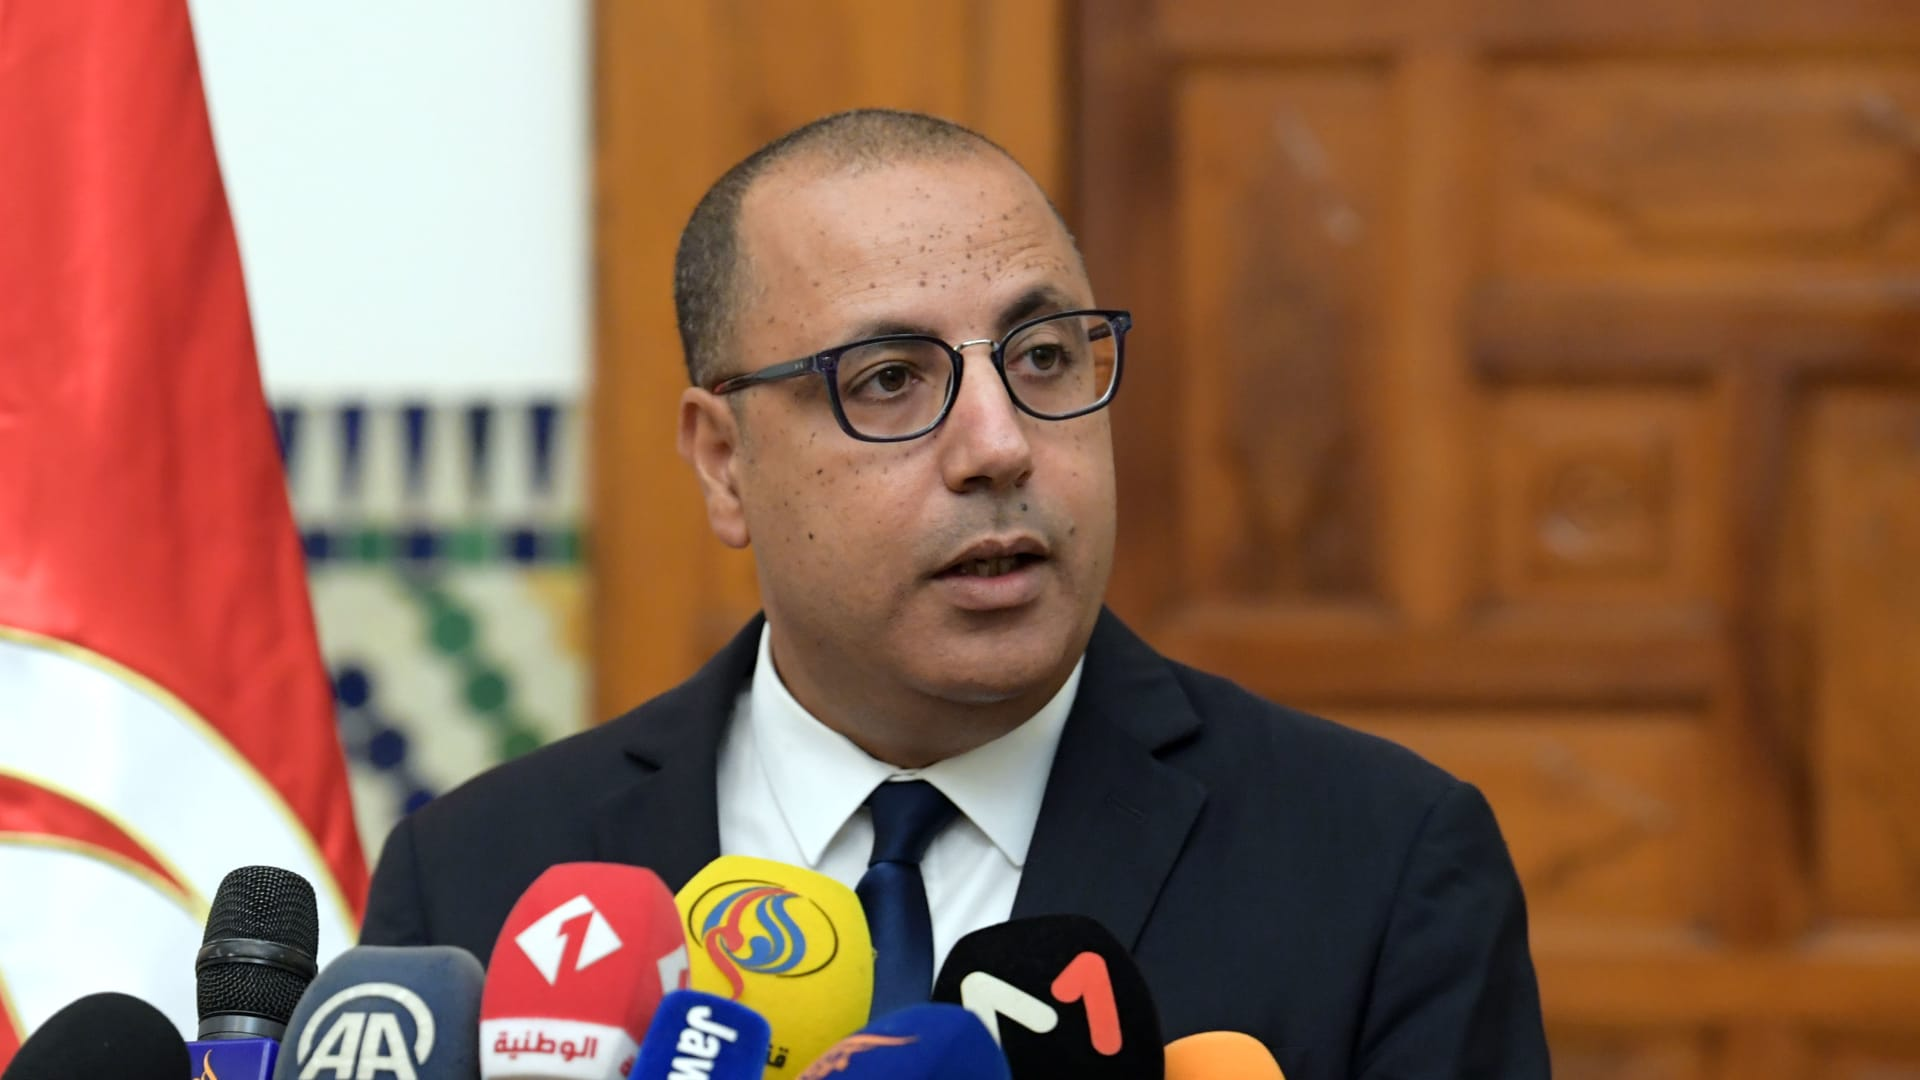 تونس.. تغيير حكومي يشمل 12 وزارة.. وقيس سعيد: لا خضوع للابتزاز والمقايضة